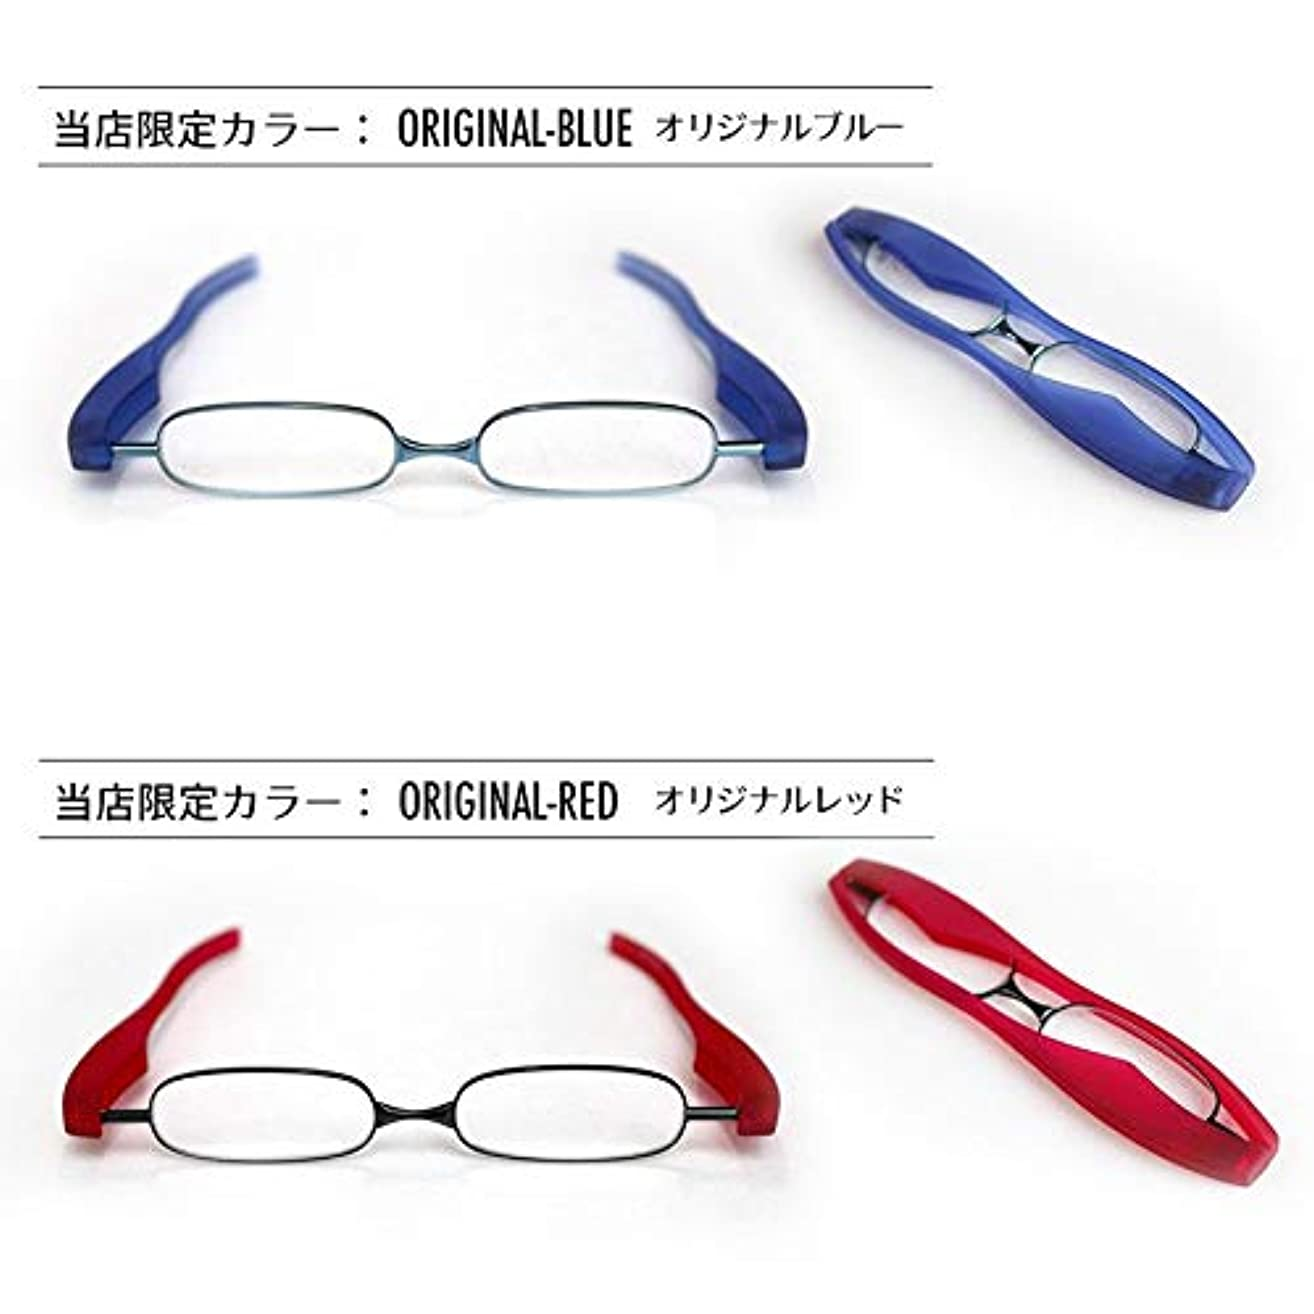 組み合わせ製品ペイン老眼鏡 ポットリーダースマート 2本セット【オリジナルブルー(1.0)】+【オリジナルレッド(1.5)】